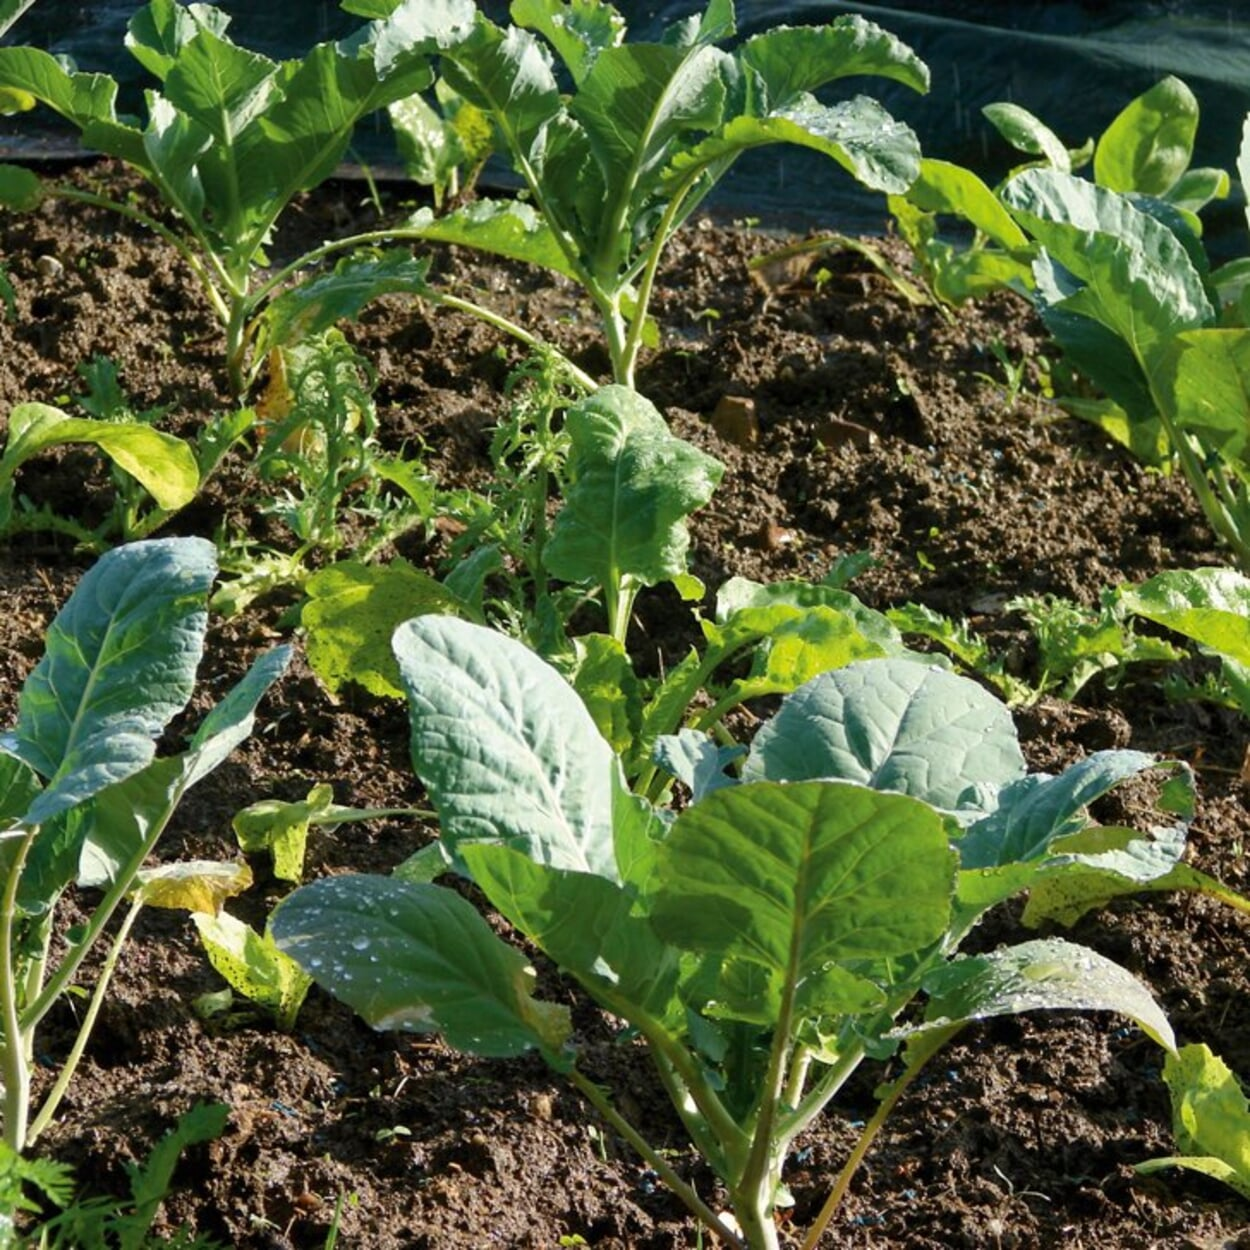 Kohlpflanzen für die Ernte im Herbst und Winter